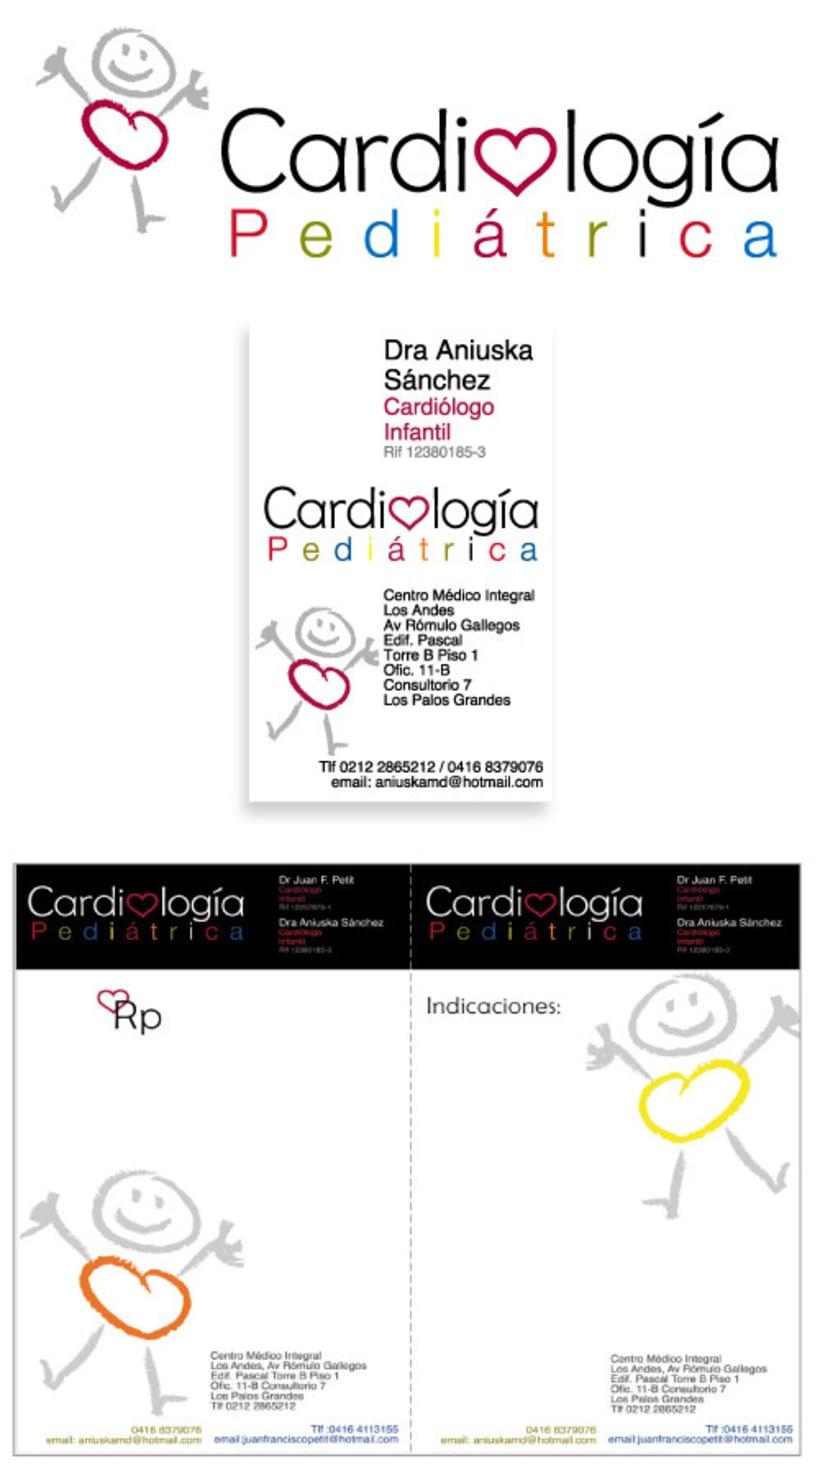 logotipo y soportes cardiologia pediátrica 1